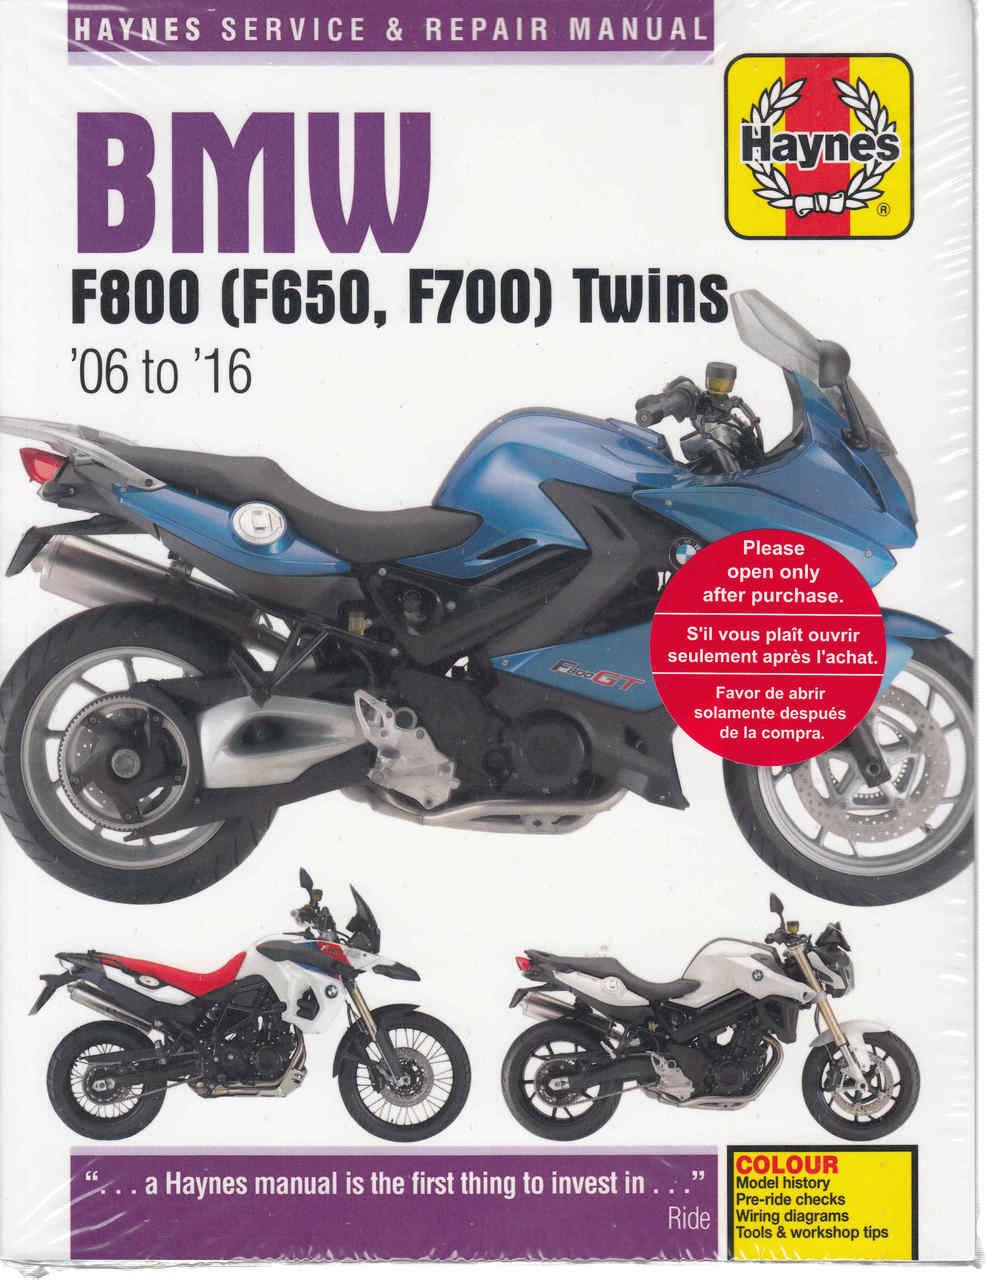 medium resolution of bmw f800 f650 twins 2006 2016workshop manual 9780857339218